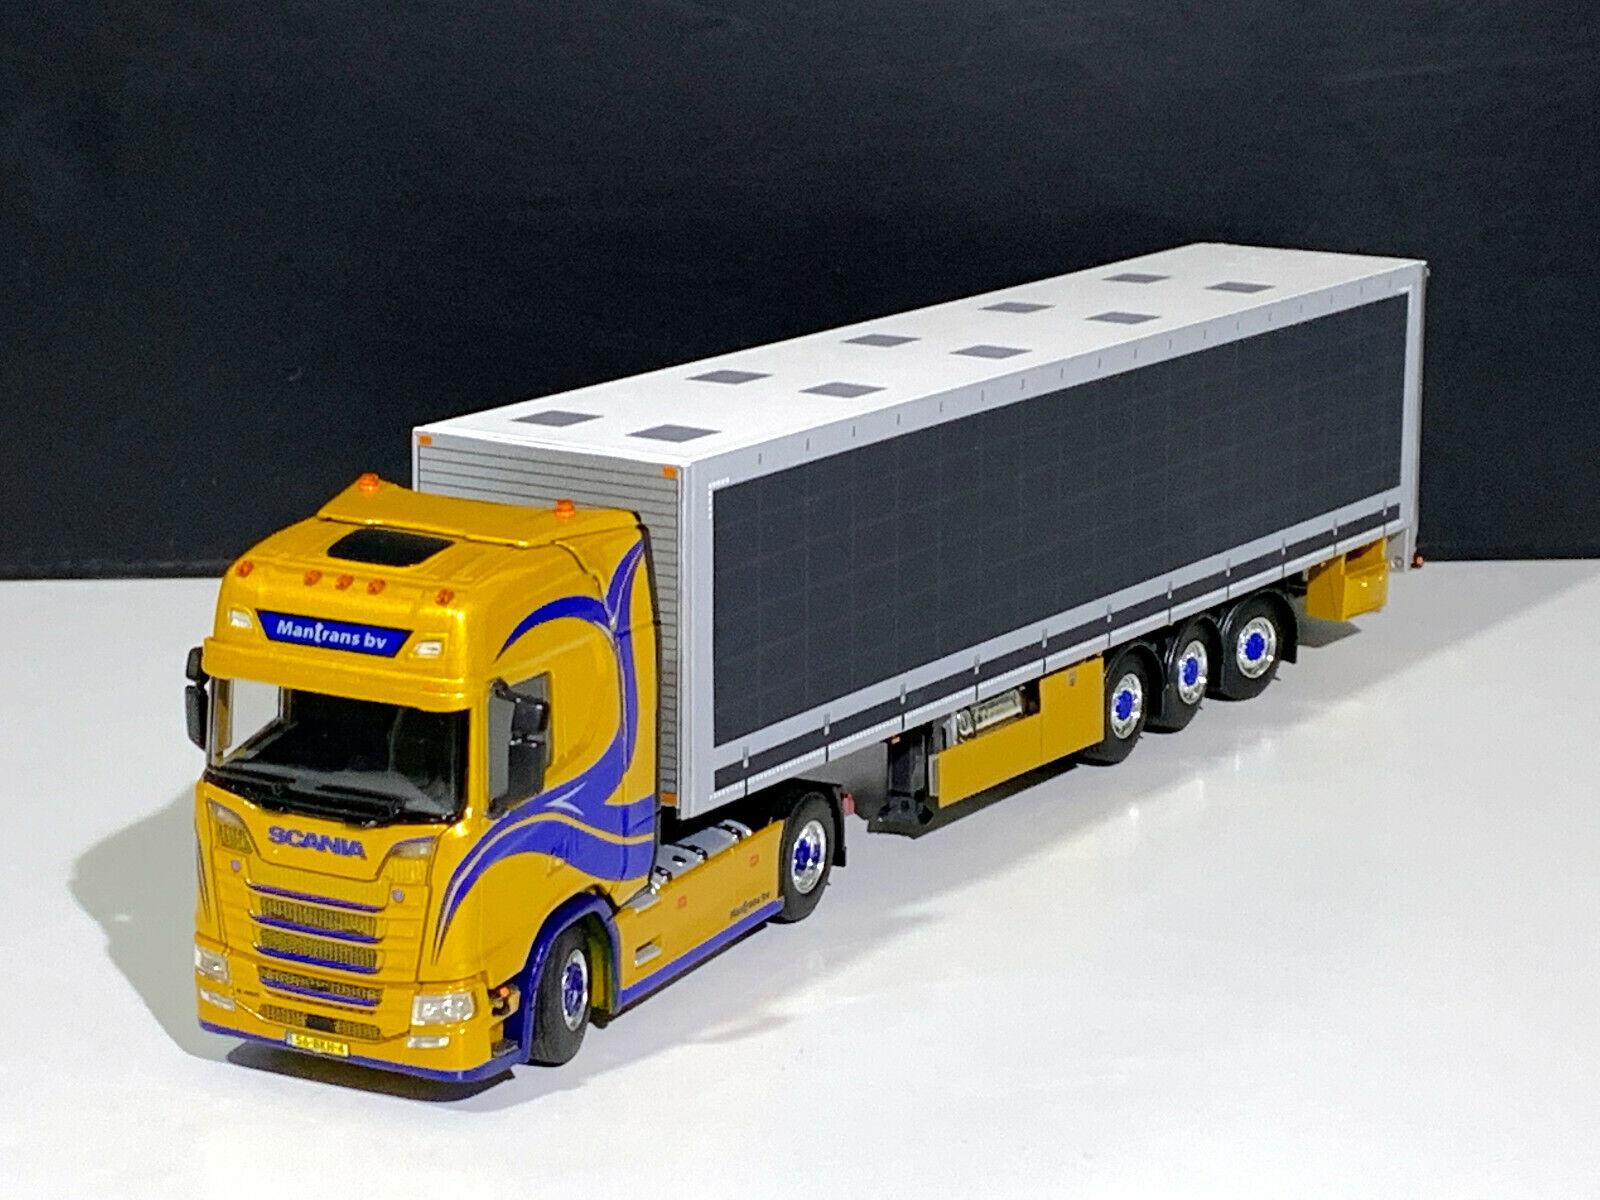 SCANIA S HIGHLINE CS20H 4x2 BOX TRAILER  MANTRANS WSI TRUCK MODELS,01-2768